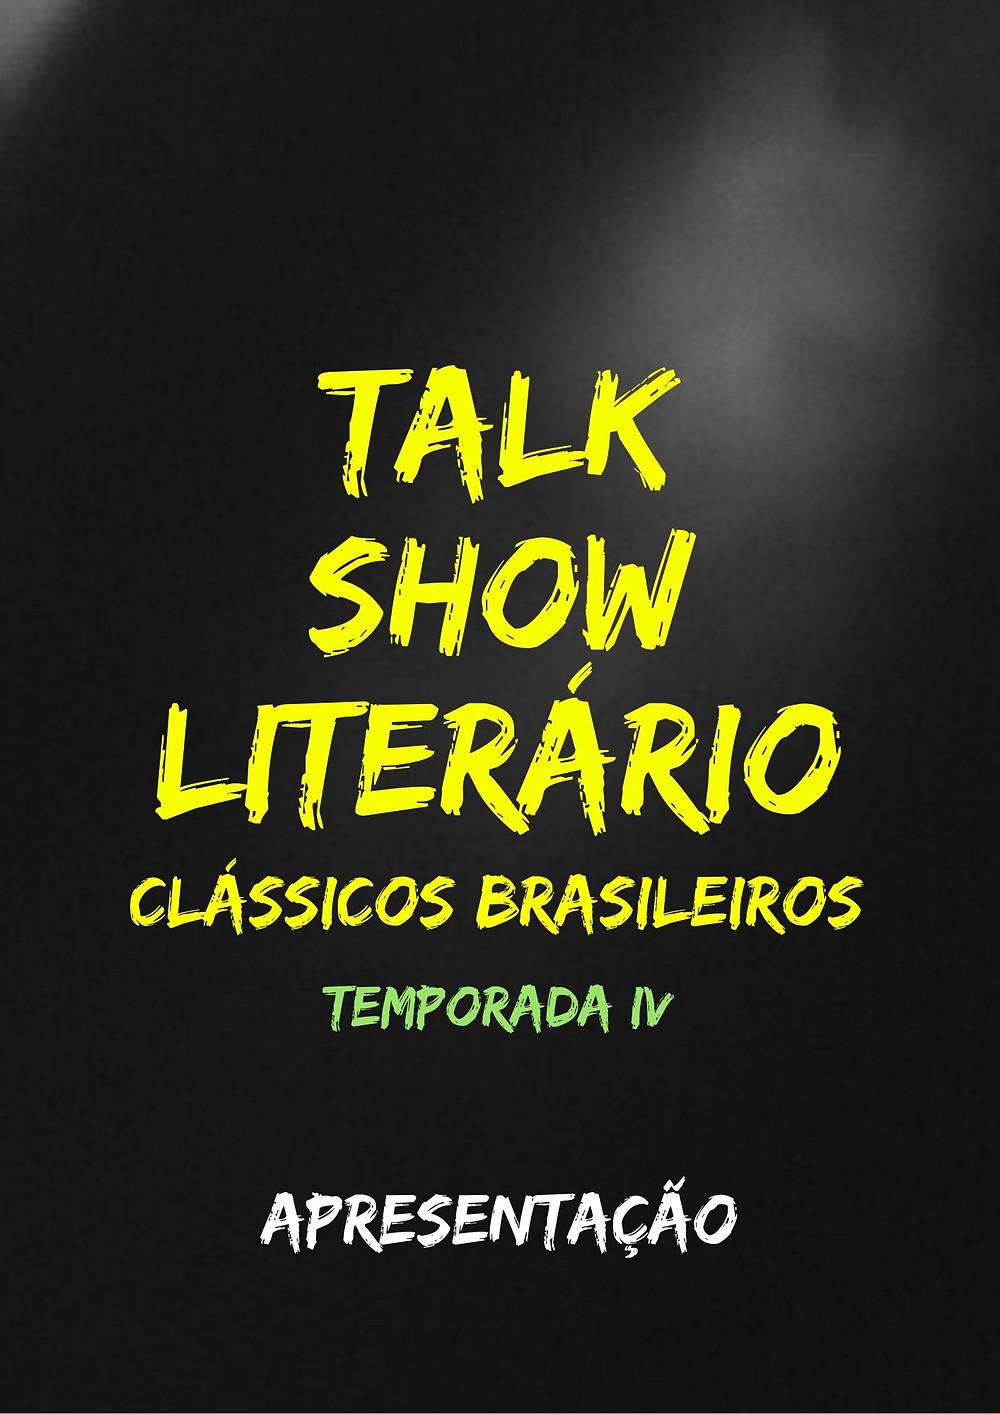 Talk Show Literário - Terceira Temporada de Ricardo Bonacorci